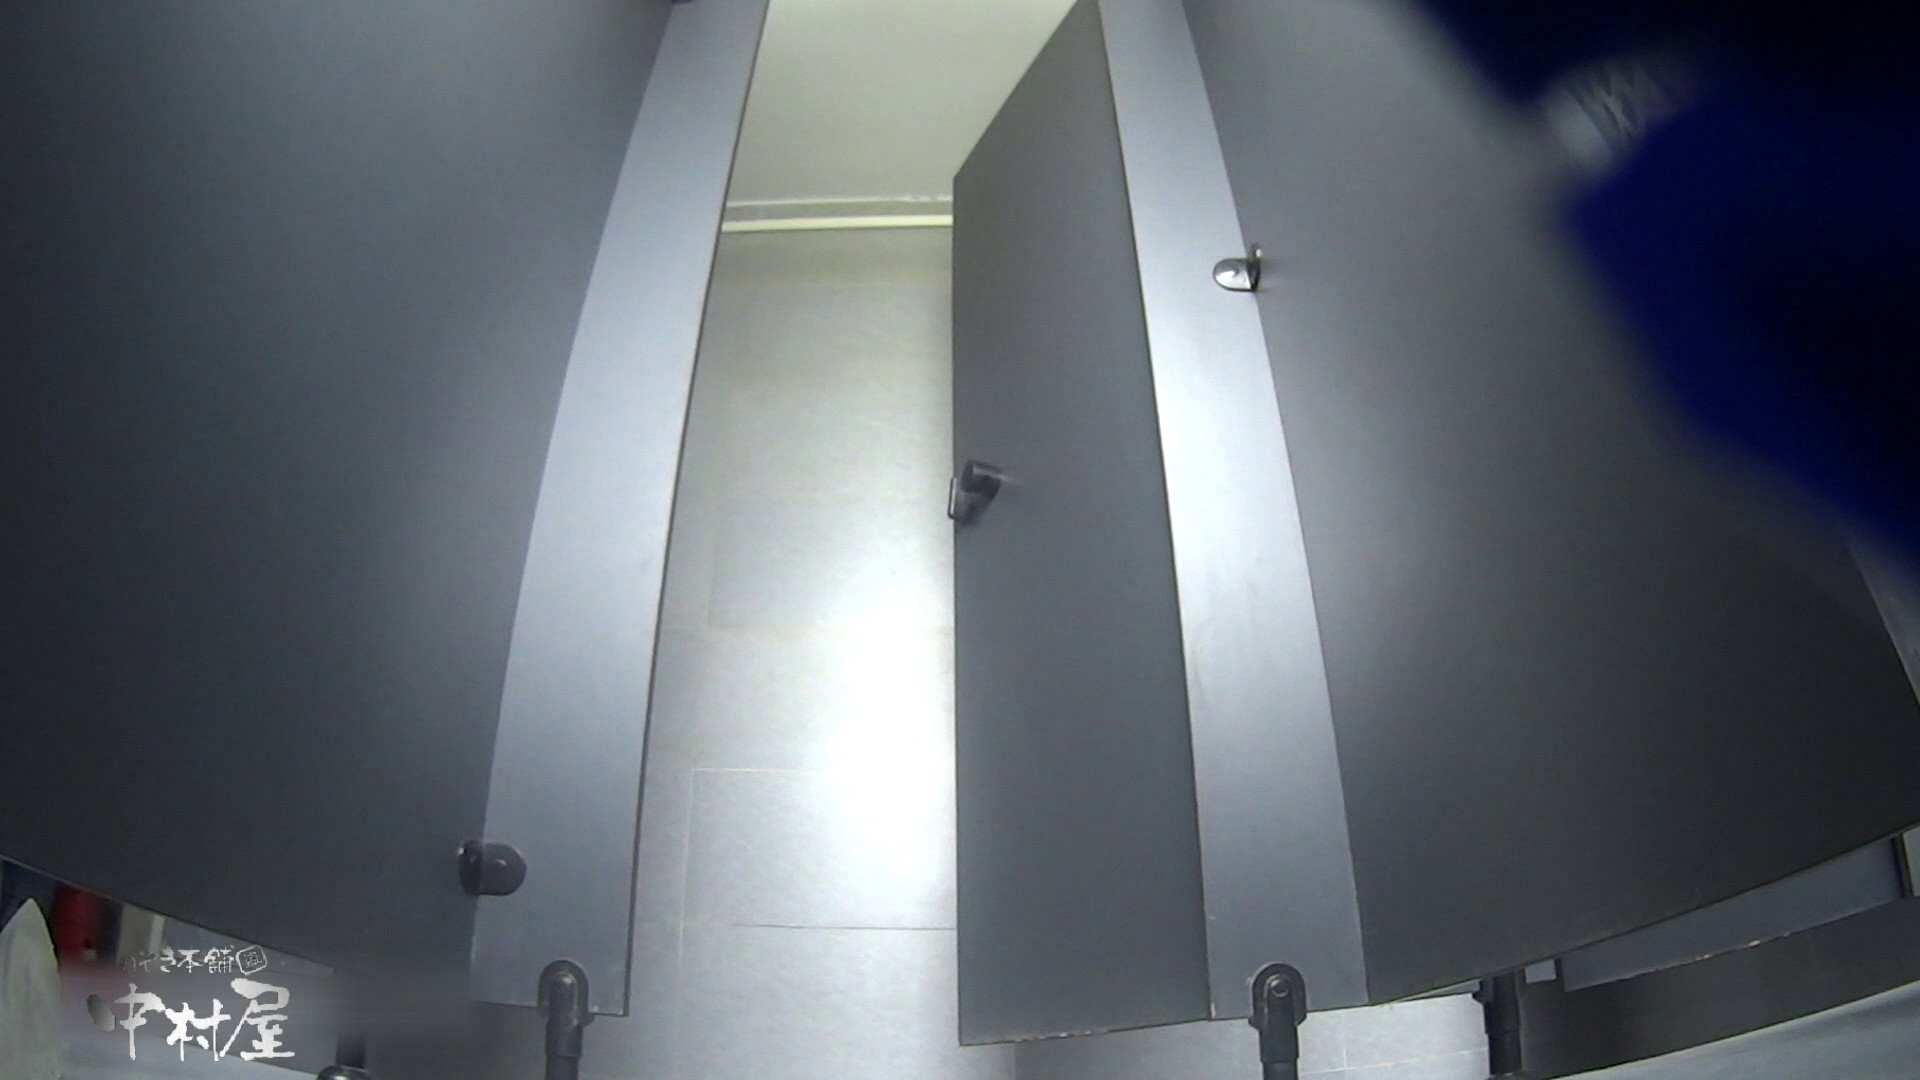 ツンデレお女市さんのトイレ事情 大学休憩時間の洗面所事情32 超エロお姉さん   トイレ  90枚 71